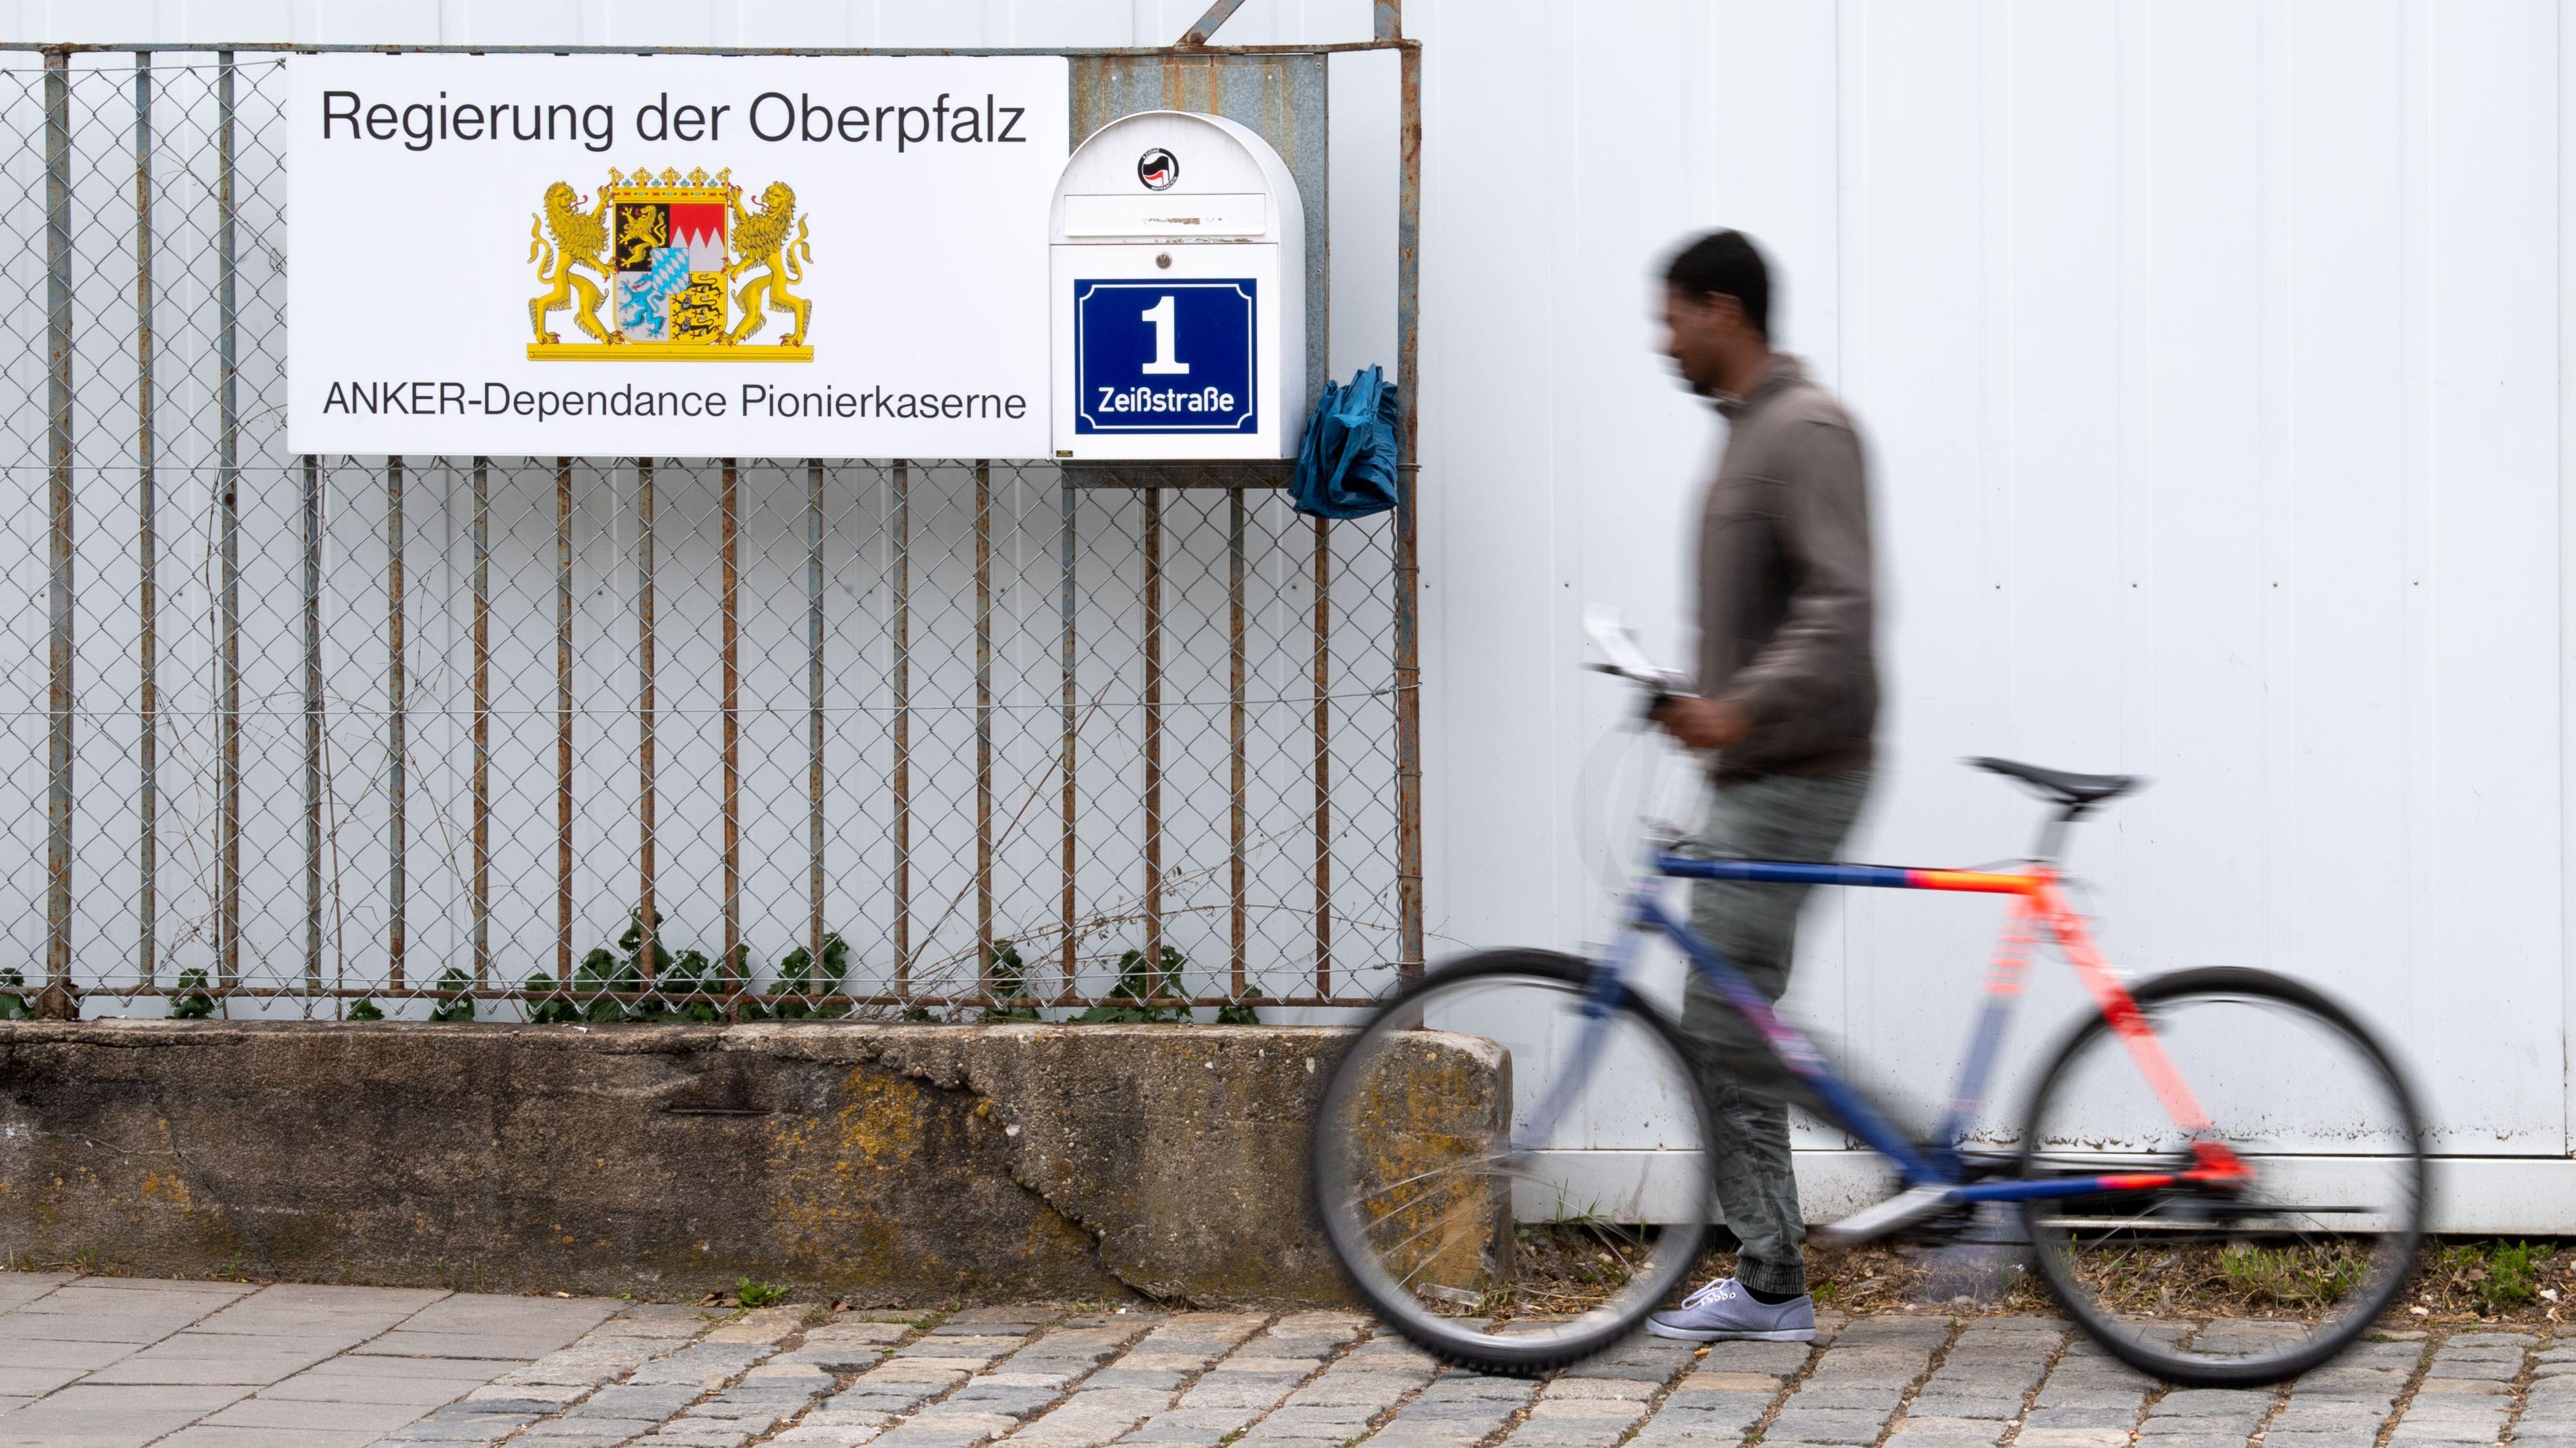 Das Ankerzentrum in der Zeißstraße im Osten von Regensburg: Hier war es am Samstag zu Ausschreitungen gekommen.